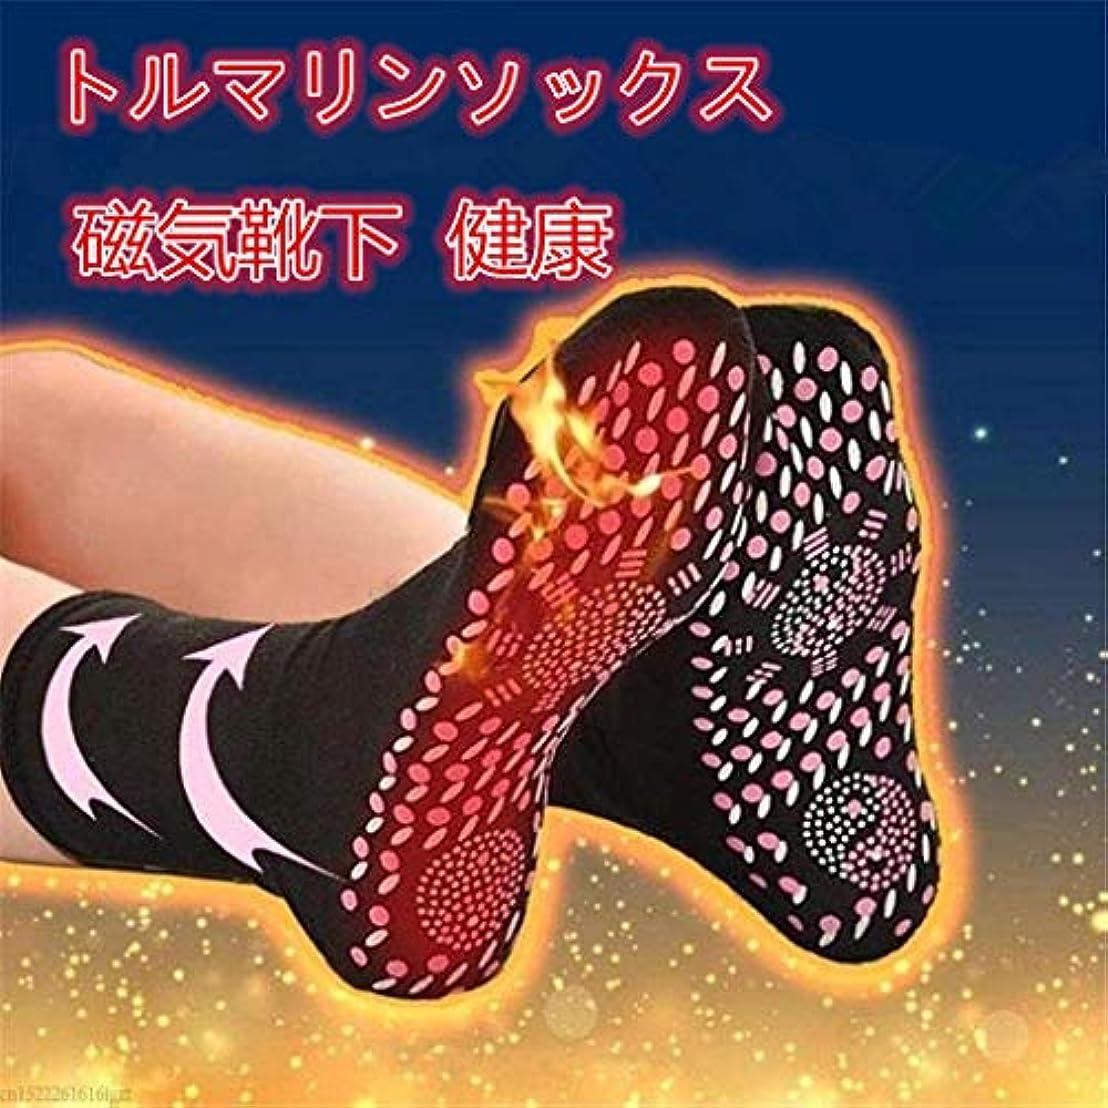 珍しい人事静める健康靴下痛み止め 自己発熱ソックス 磁気治療靴下 マッサージ ソックス トルマリン磁気靴下 滑り止め付 血液循環促進 湿気取り除き 冷たさ払拭 痛み和らげ 磁気療法ソックス 通気性